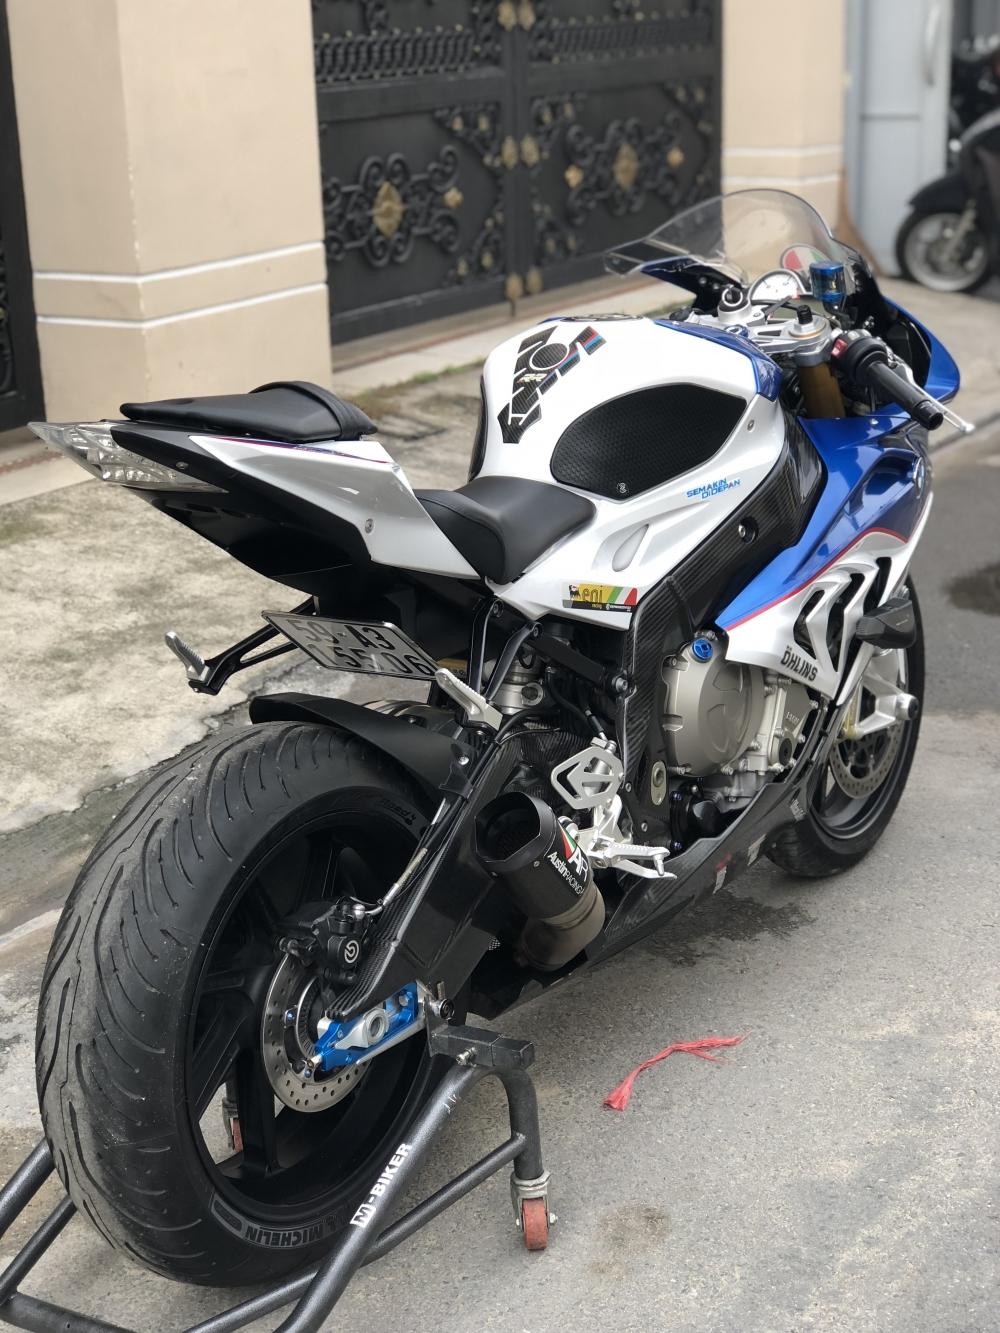 __Ban BMW S1000RR ABS date 72016 phien ban Chau Au Mam 7 cay Full Opstionodo hon 7000km xe dep - 8